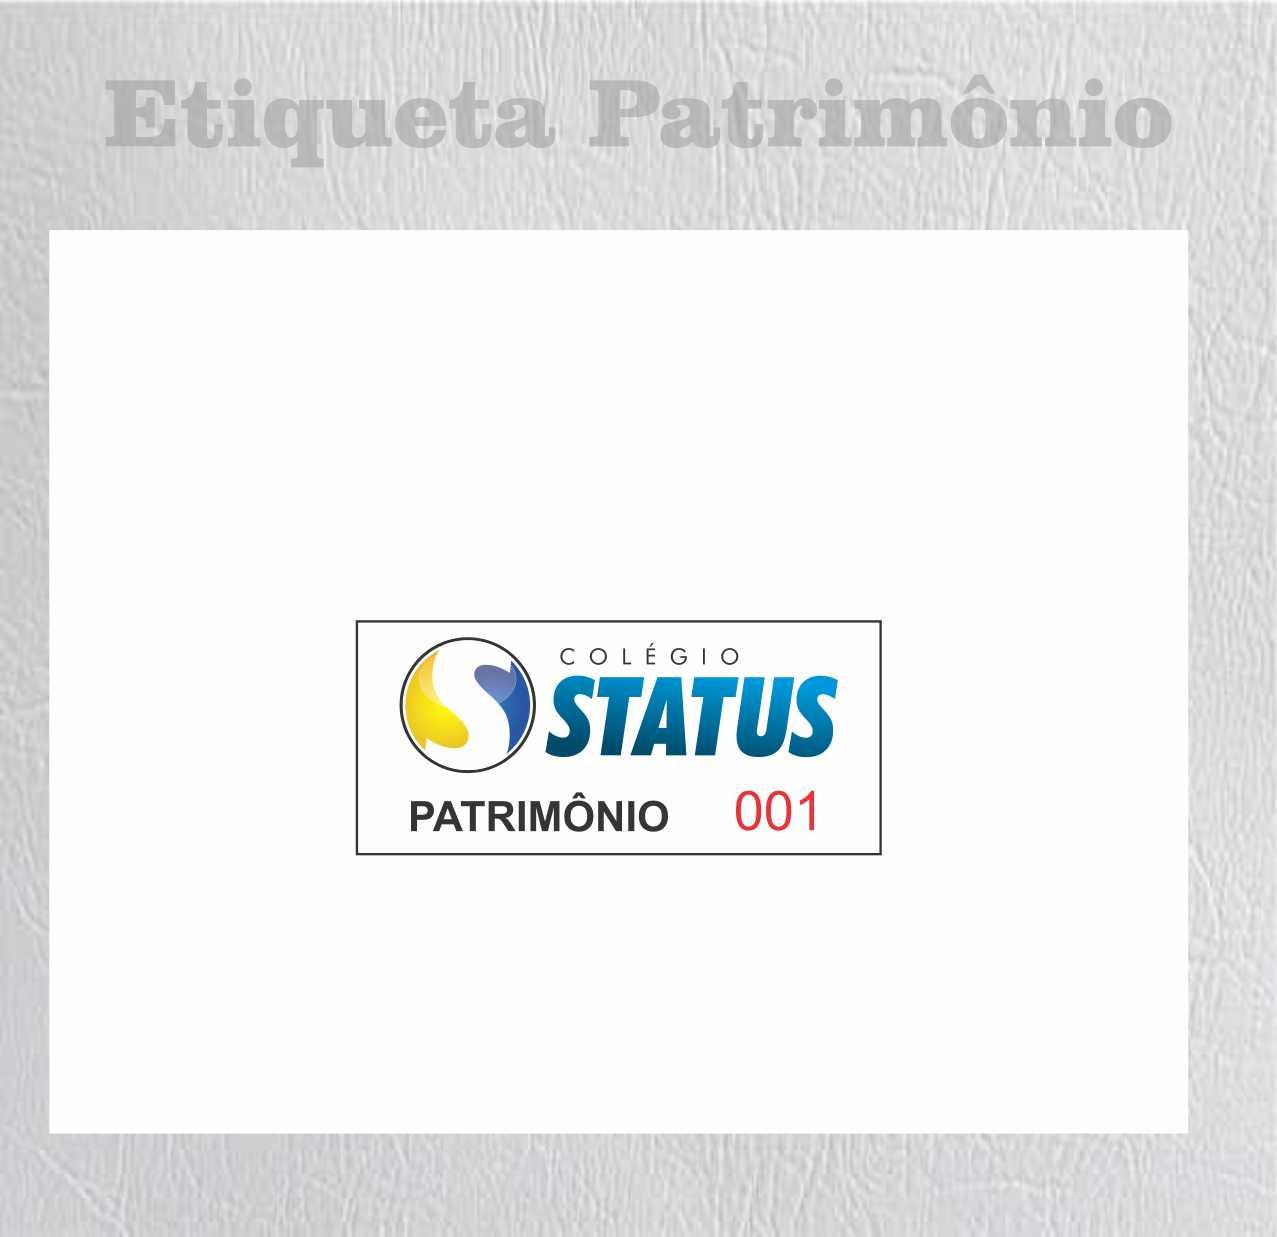 STATUS ETIQUETA